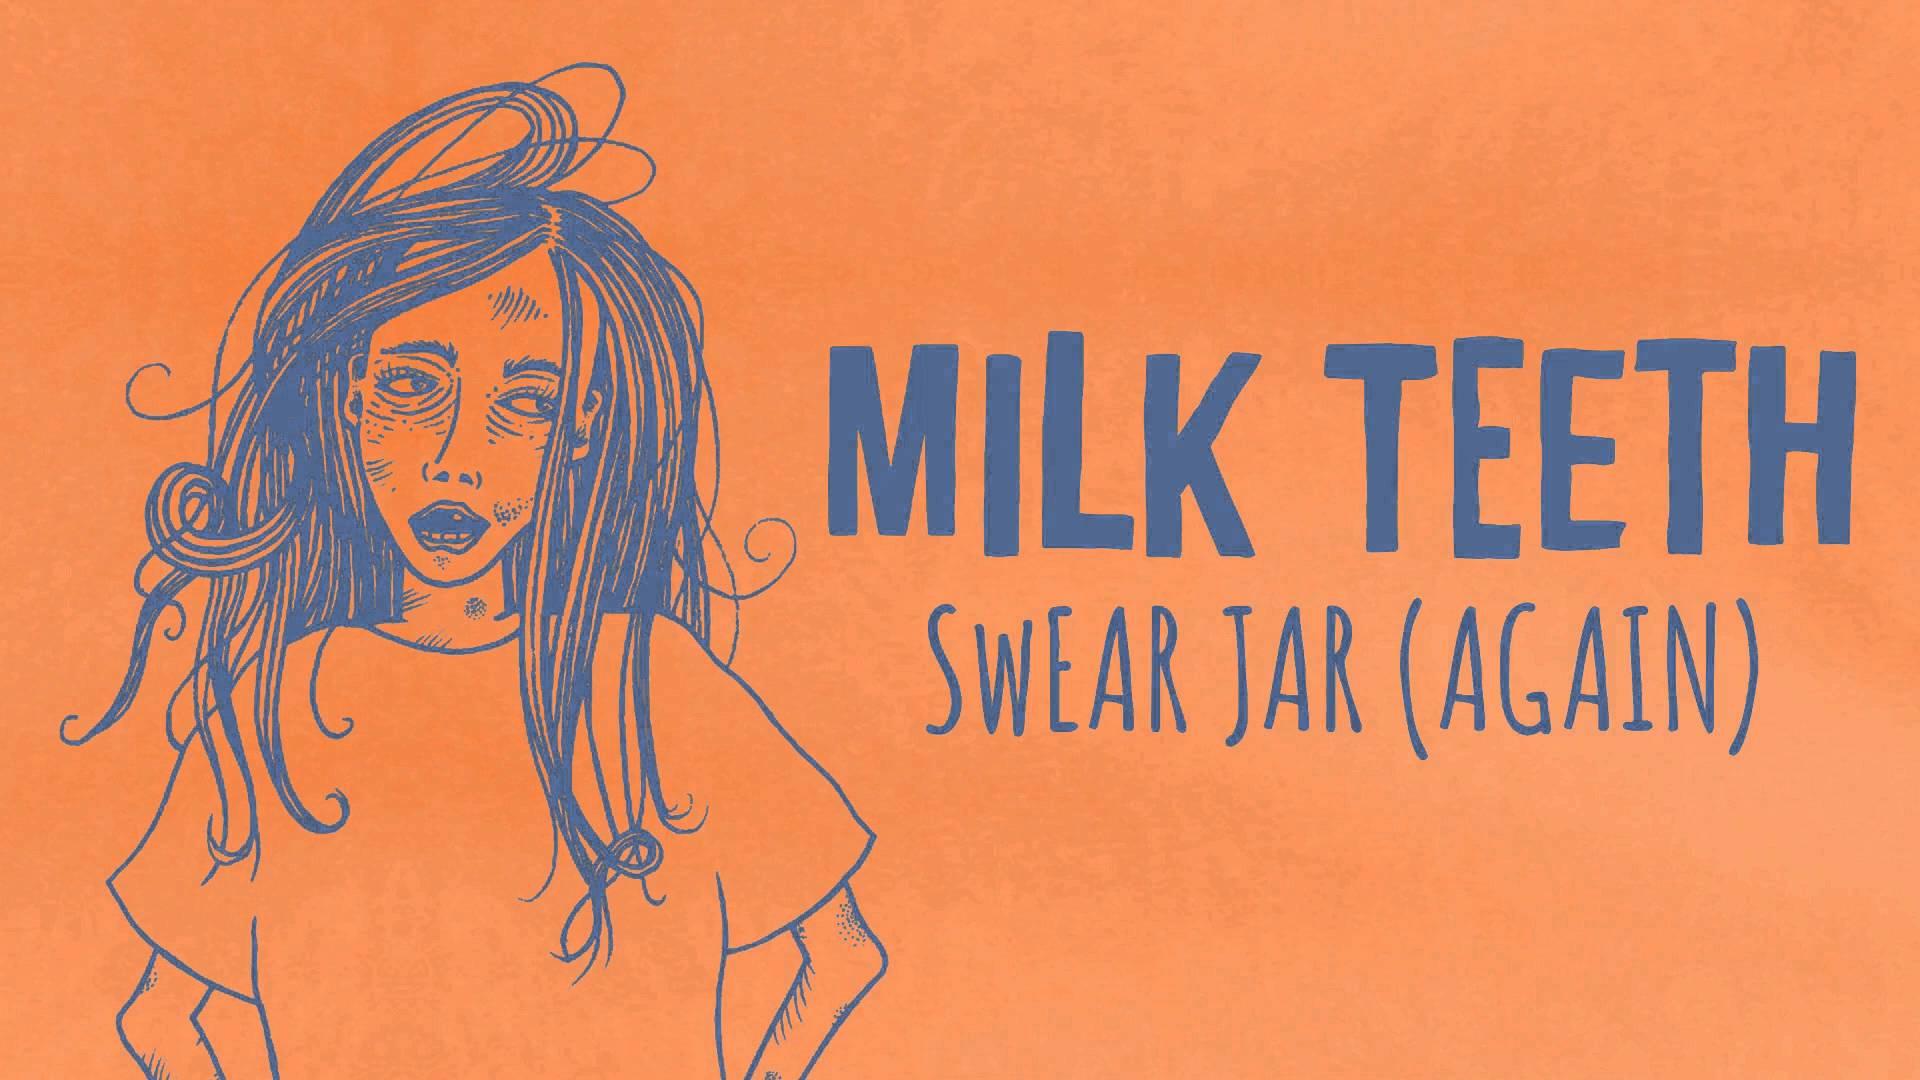 Milk Teeth - Swear Jar (again)